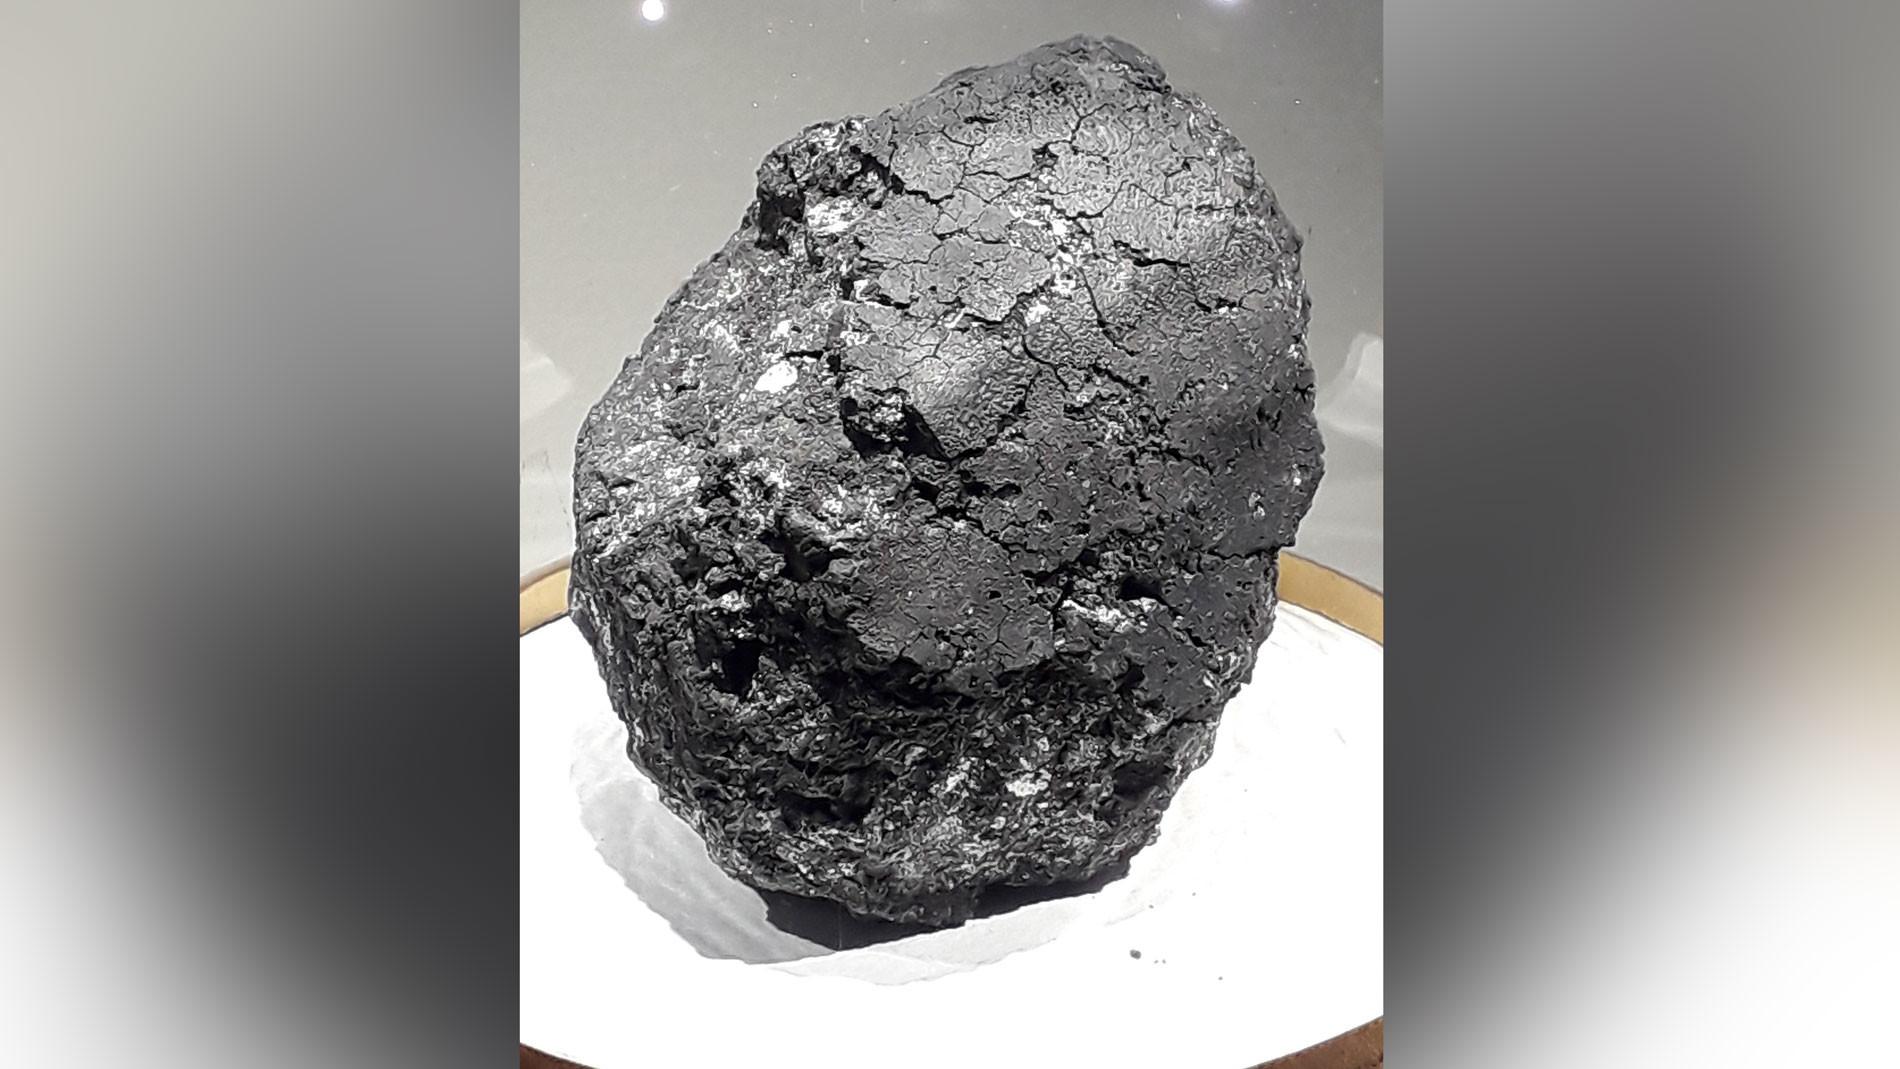 Фрагмент метеорита Оргей из коллекции Национального музея естественной истории в Париже. Фото © Wikimedia Commons